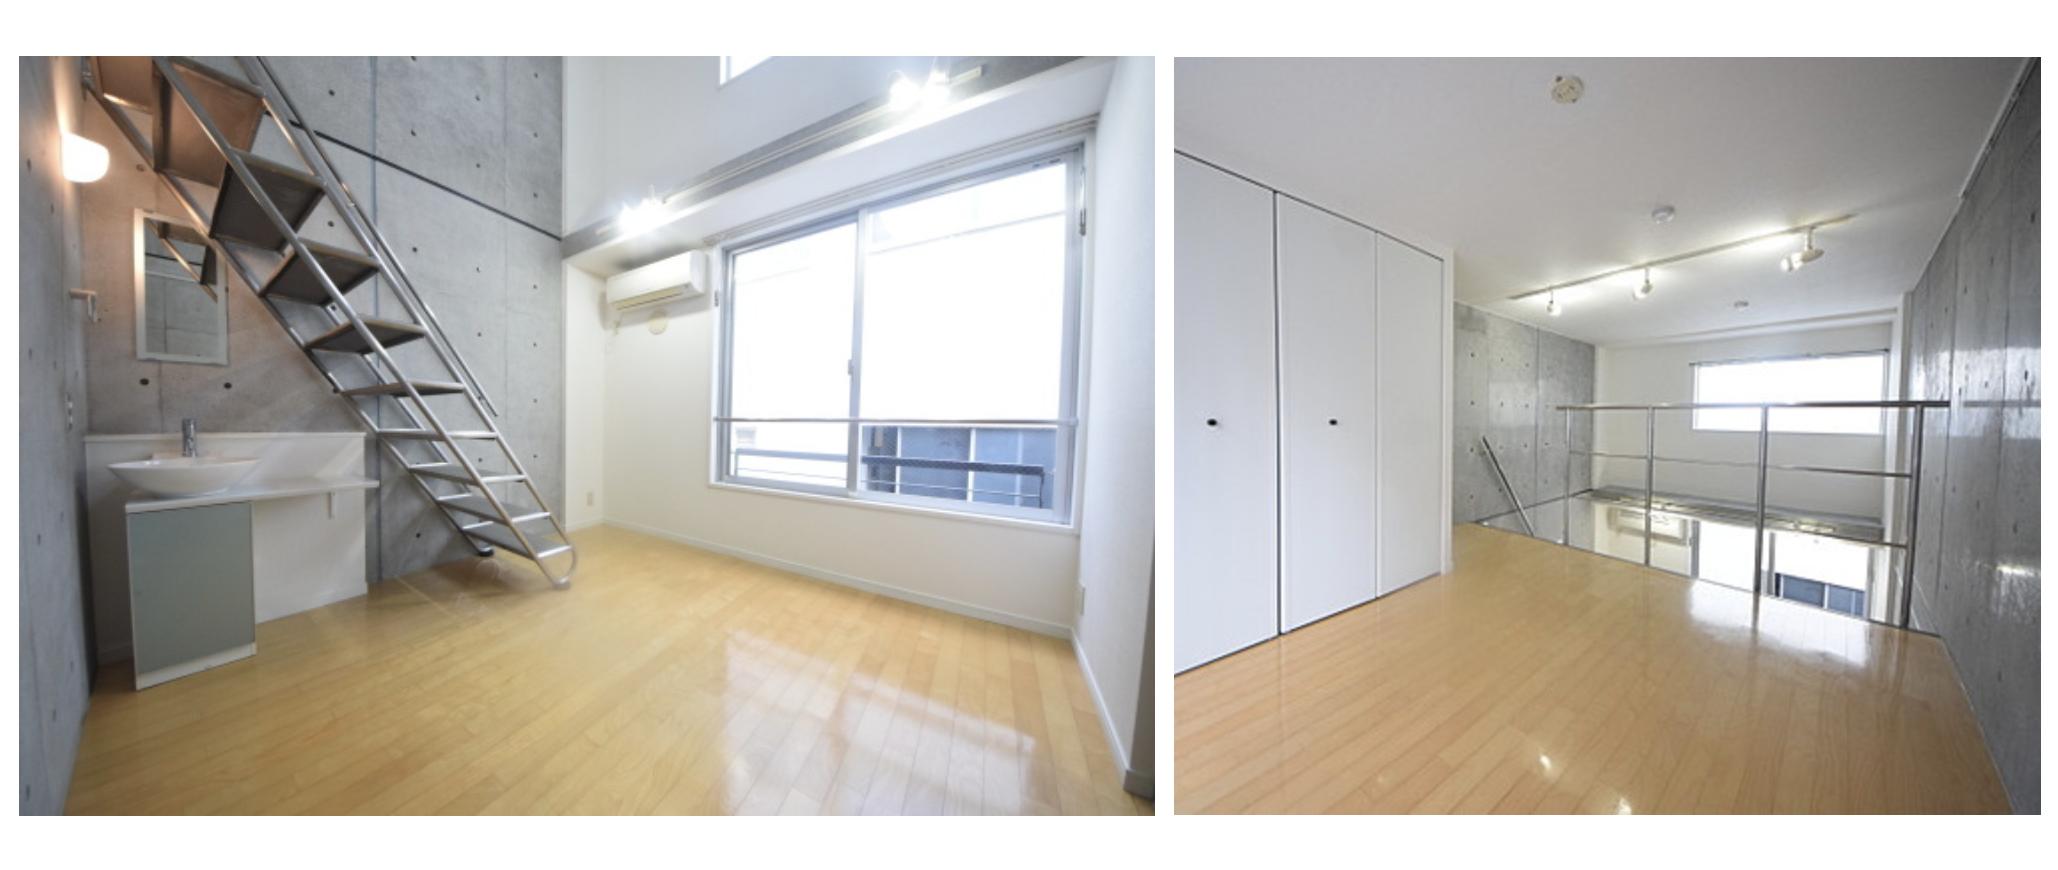 レジディア西新宿の室内(1LDK)